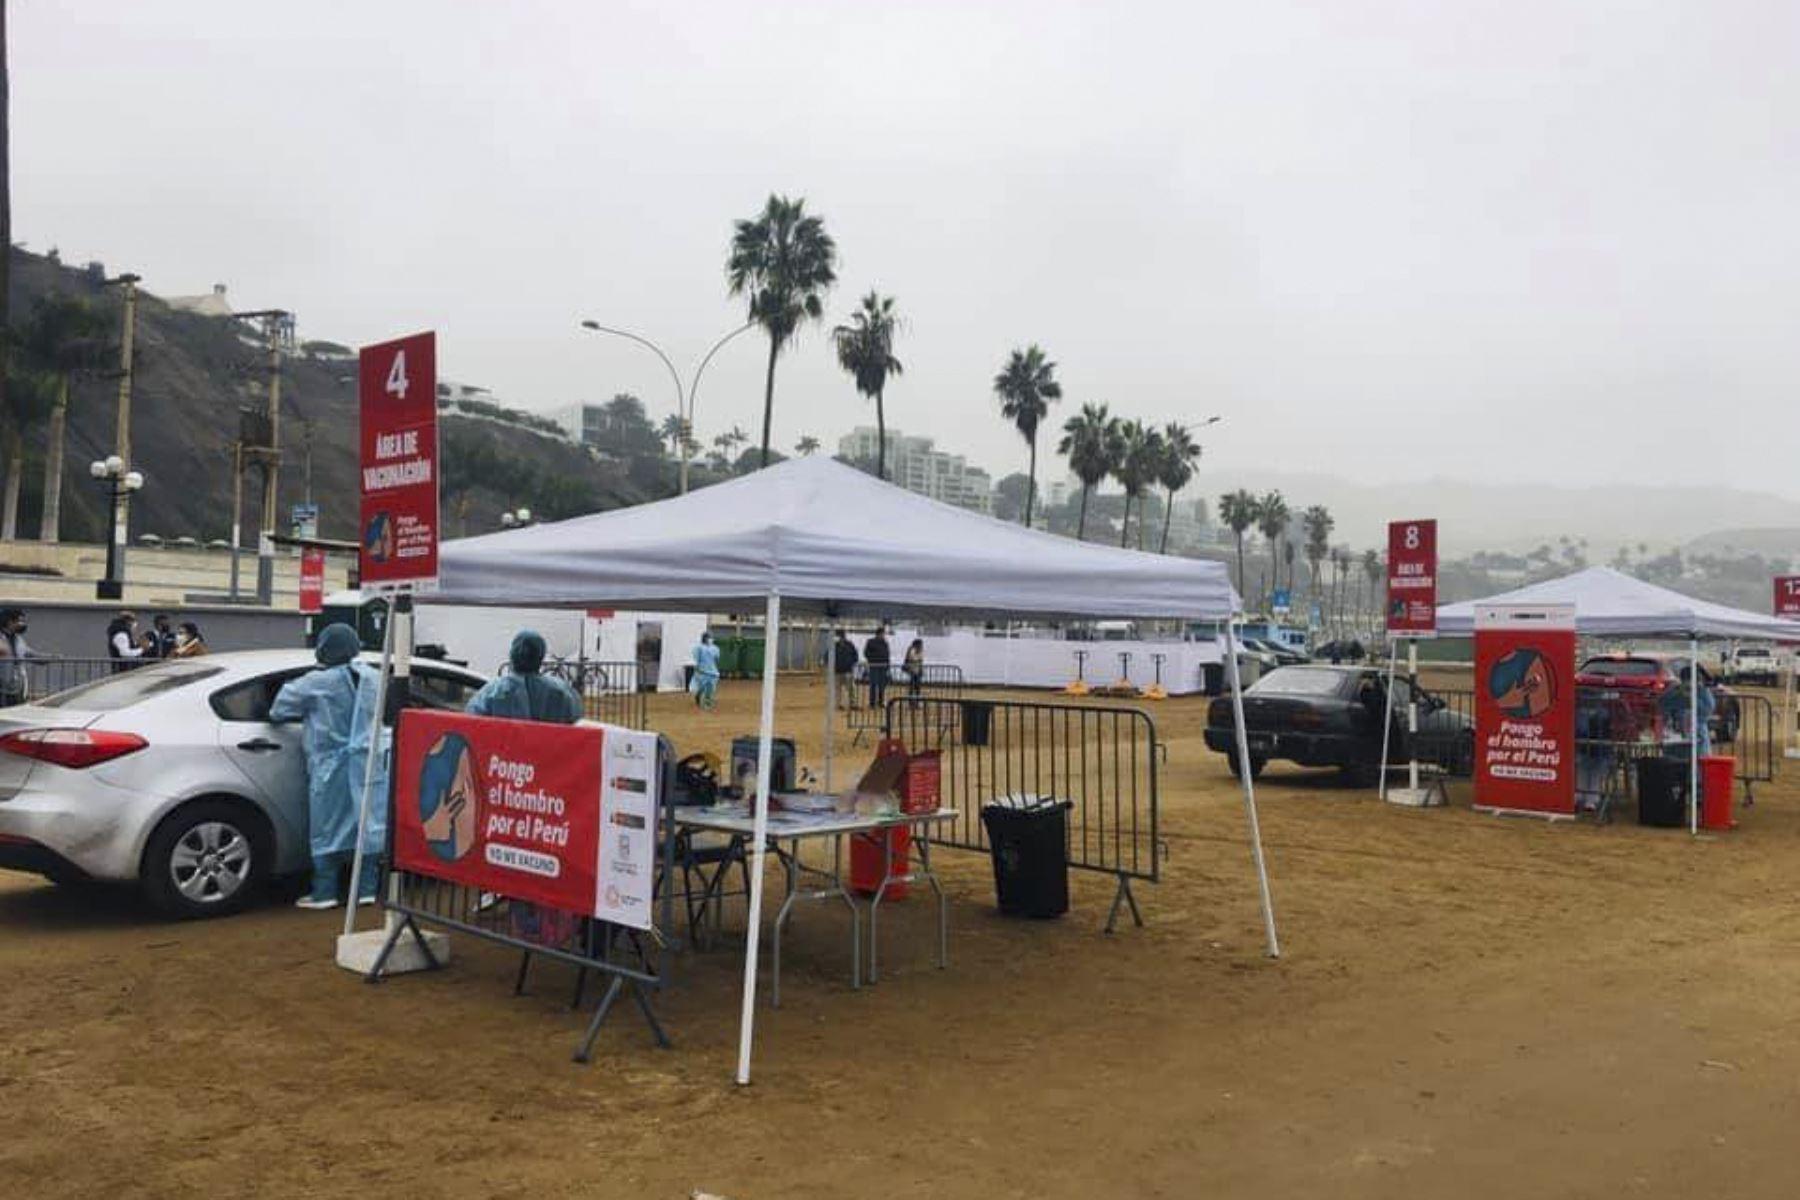 Más de 2 mil personas mayores de 60 años, residentes en Lima Sur, accederán a diario desde hoy al nuevo Centro de Vacunación Vehicular instalado en las playas 1 y 2 de Agua Dulce en Chorrillos, informó el Dr. Norberto Yamunaqué, Director Ejecutivo de la Dirección de Redes Integradas de Salud (Diris) Lima Sur. Foto: Diris Lima Sur